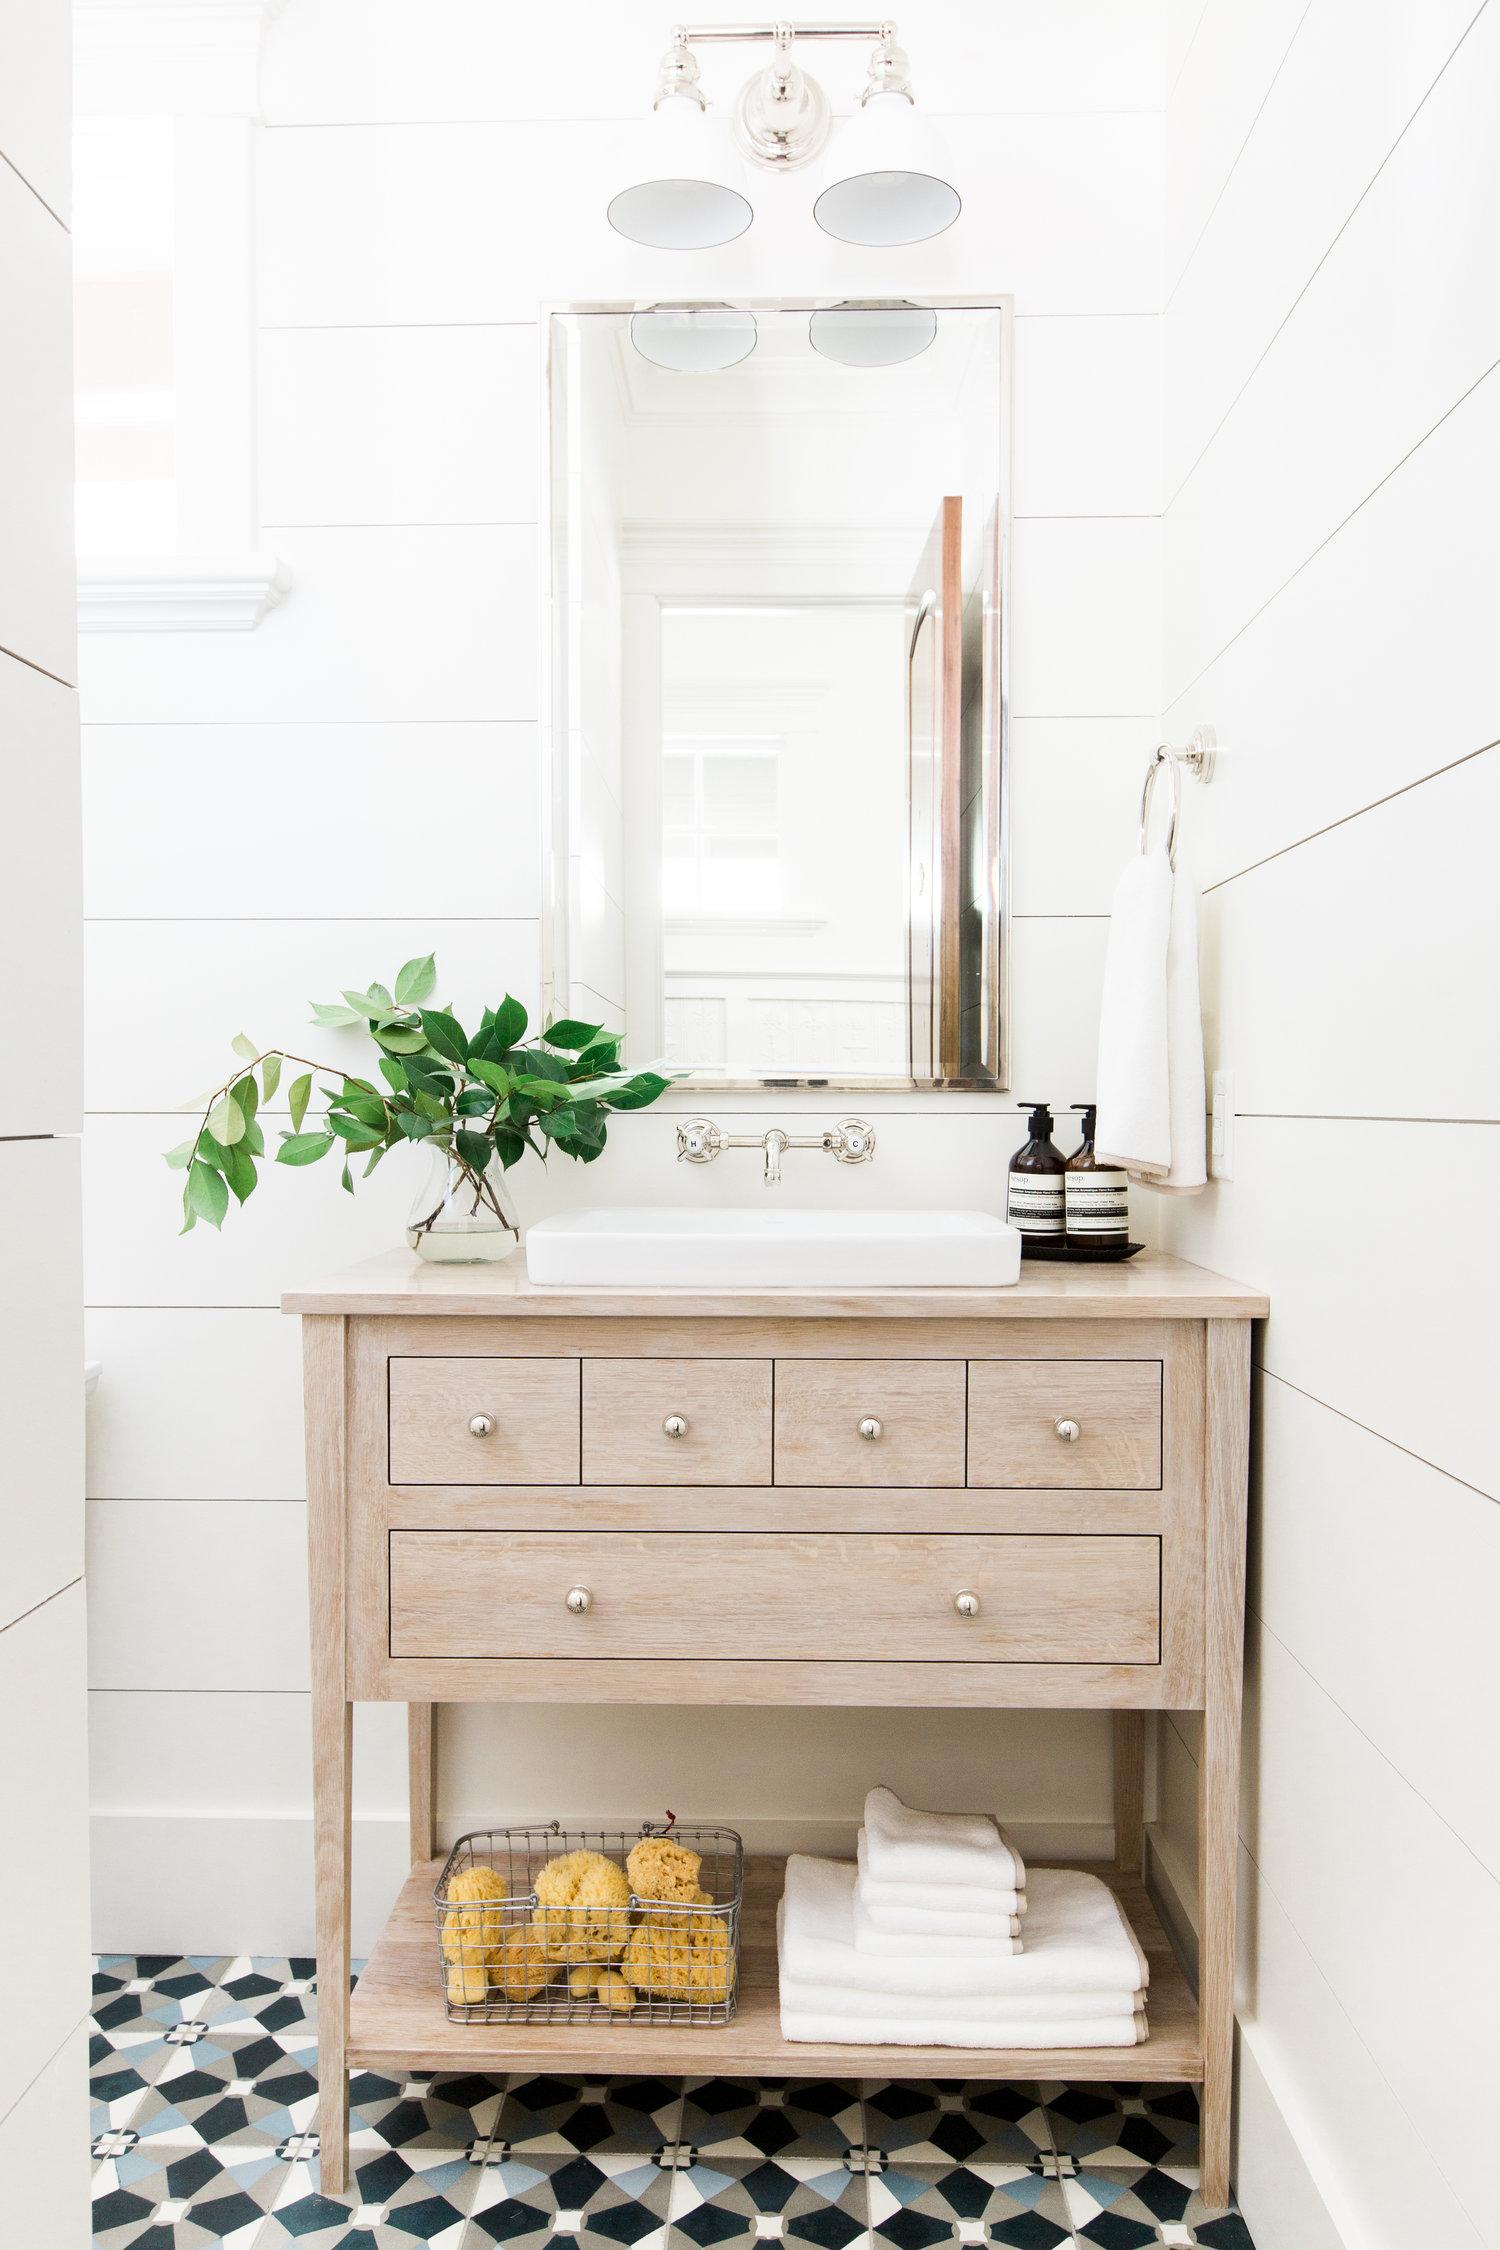 Wide+shiplap+planks,+bleached+oak+vanity+and+cement+tile+floors+||+Studio+McGee.jpg